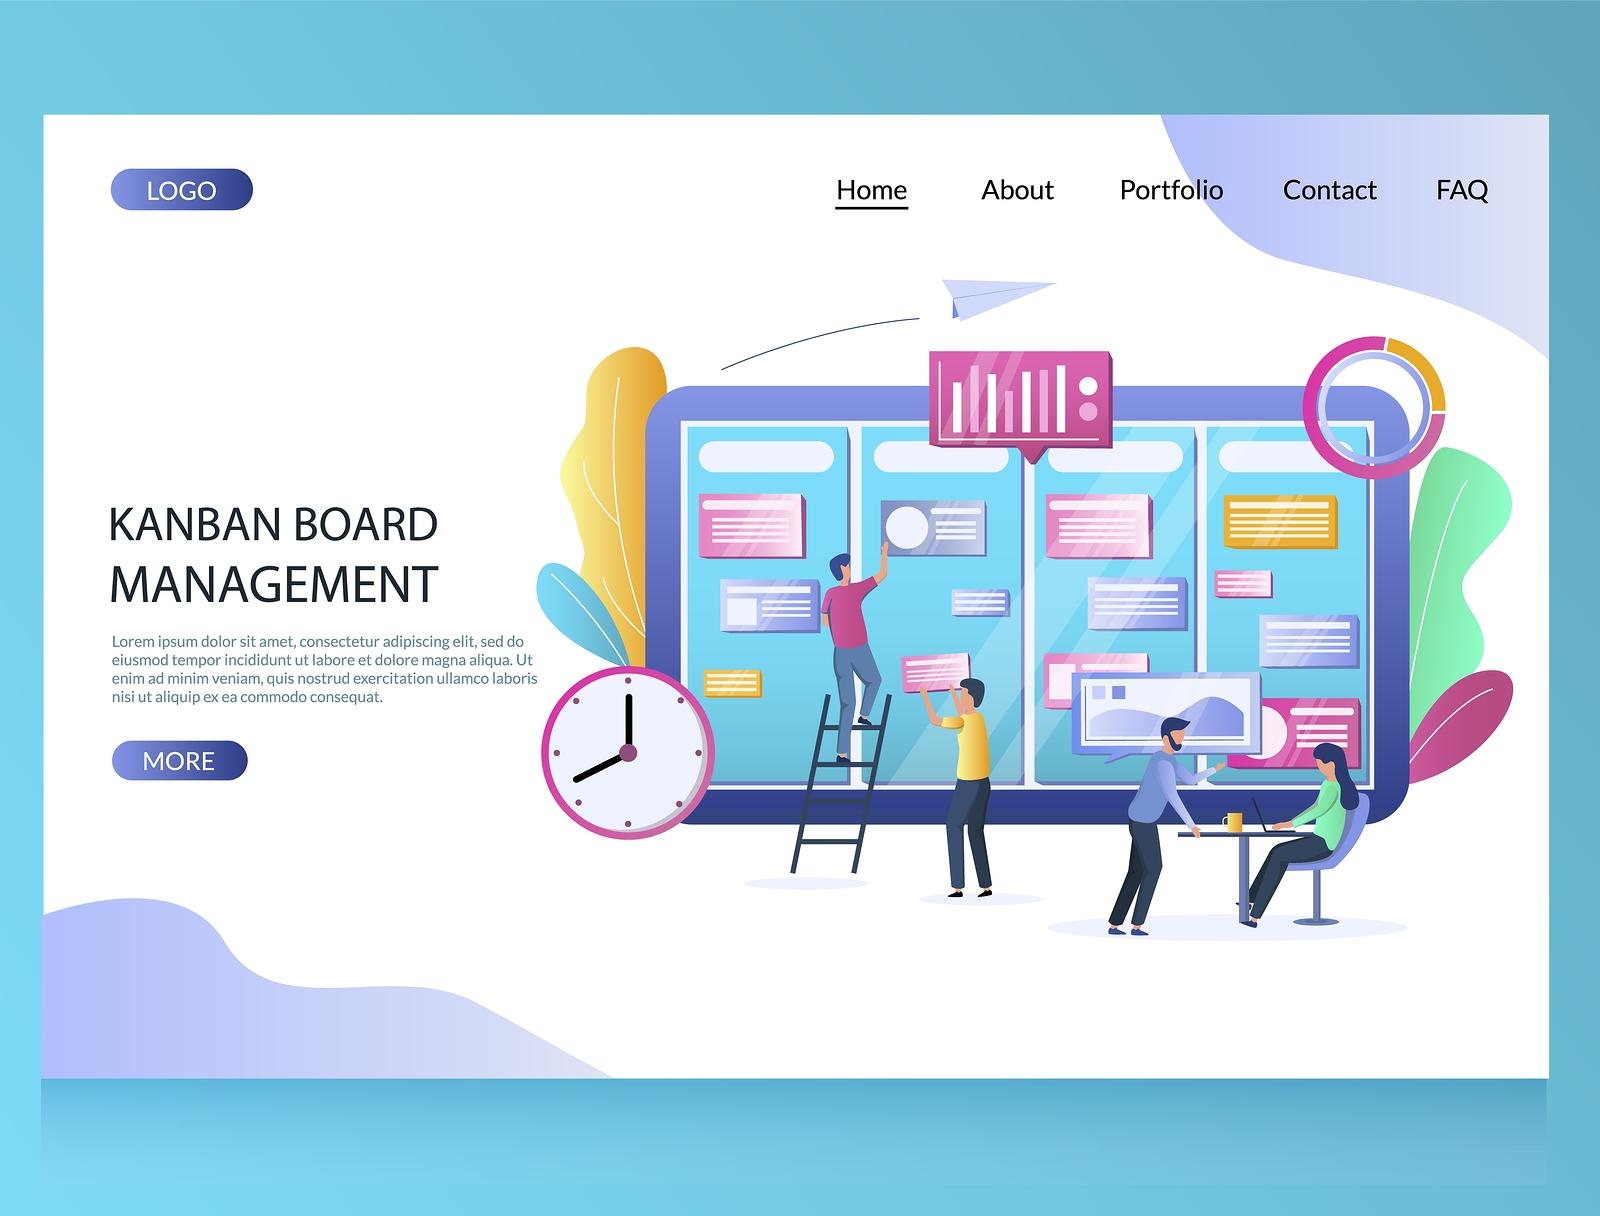 Kanban Board Management